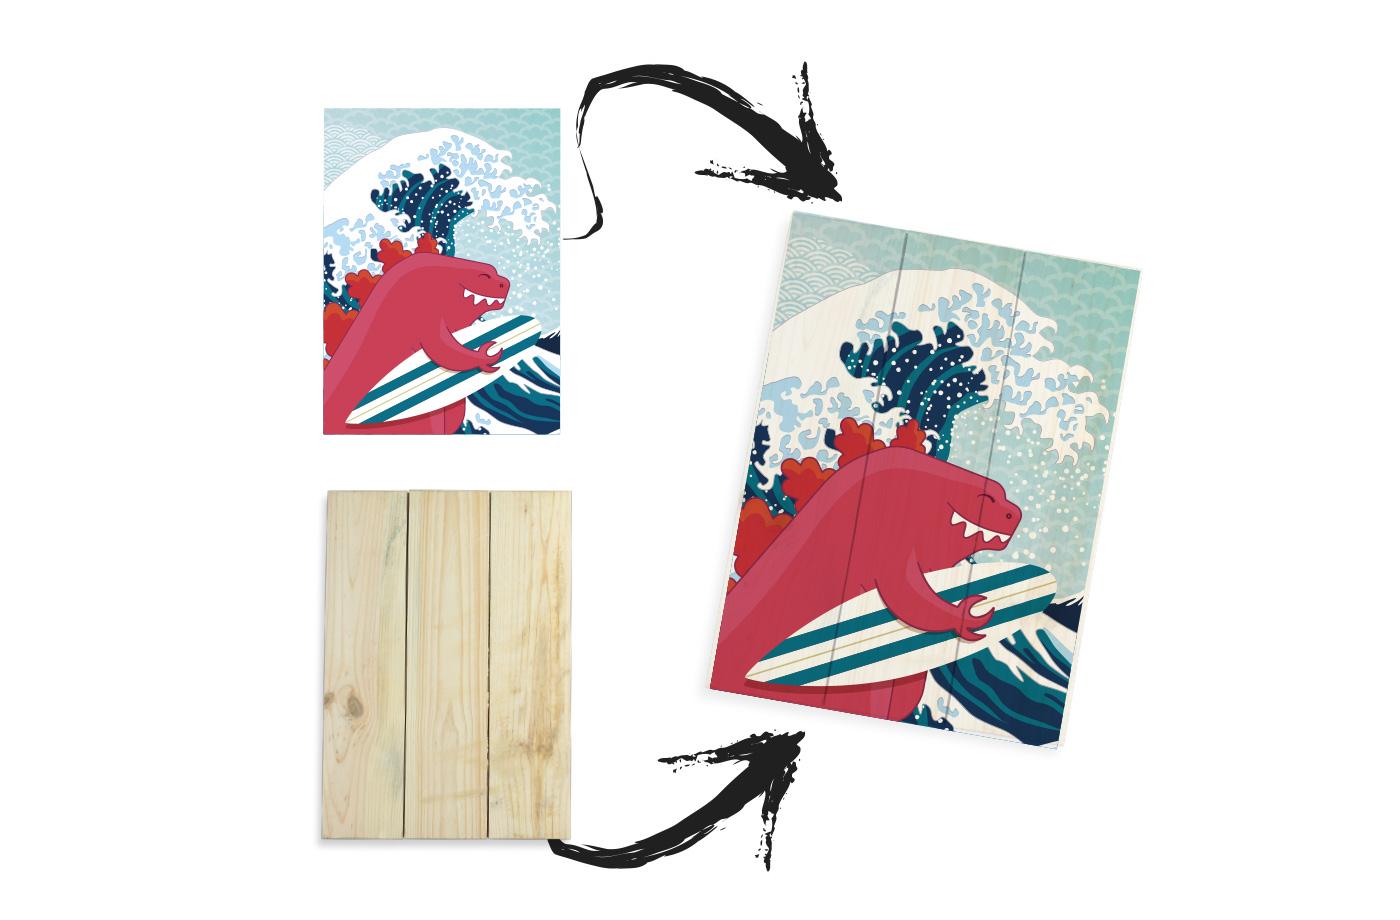 Tableau bois impression personnalisée 2 3701310203439